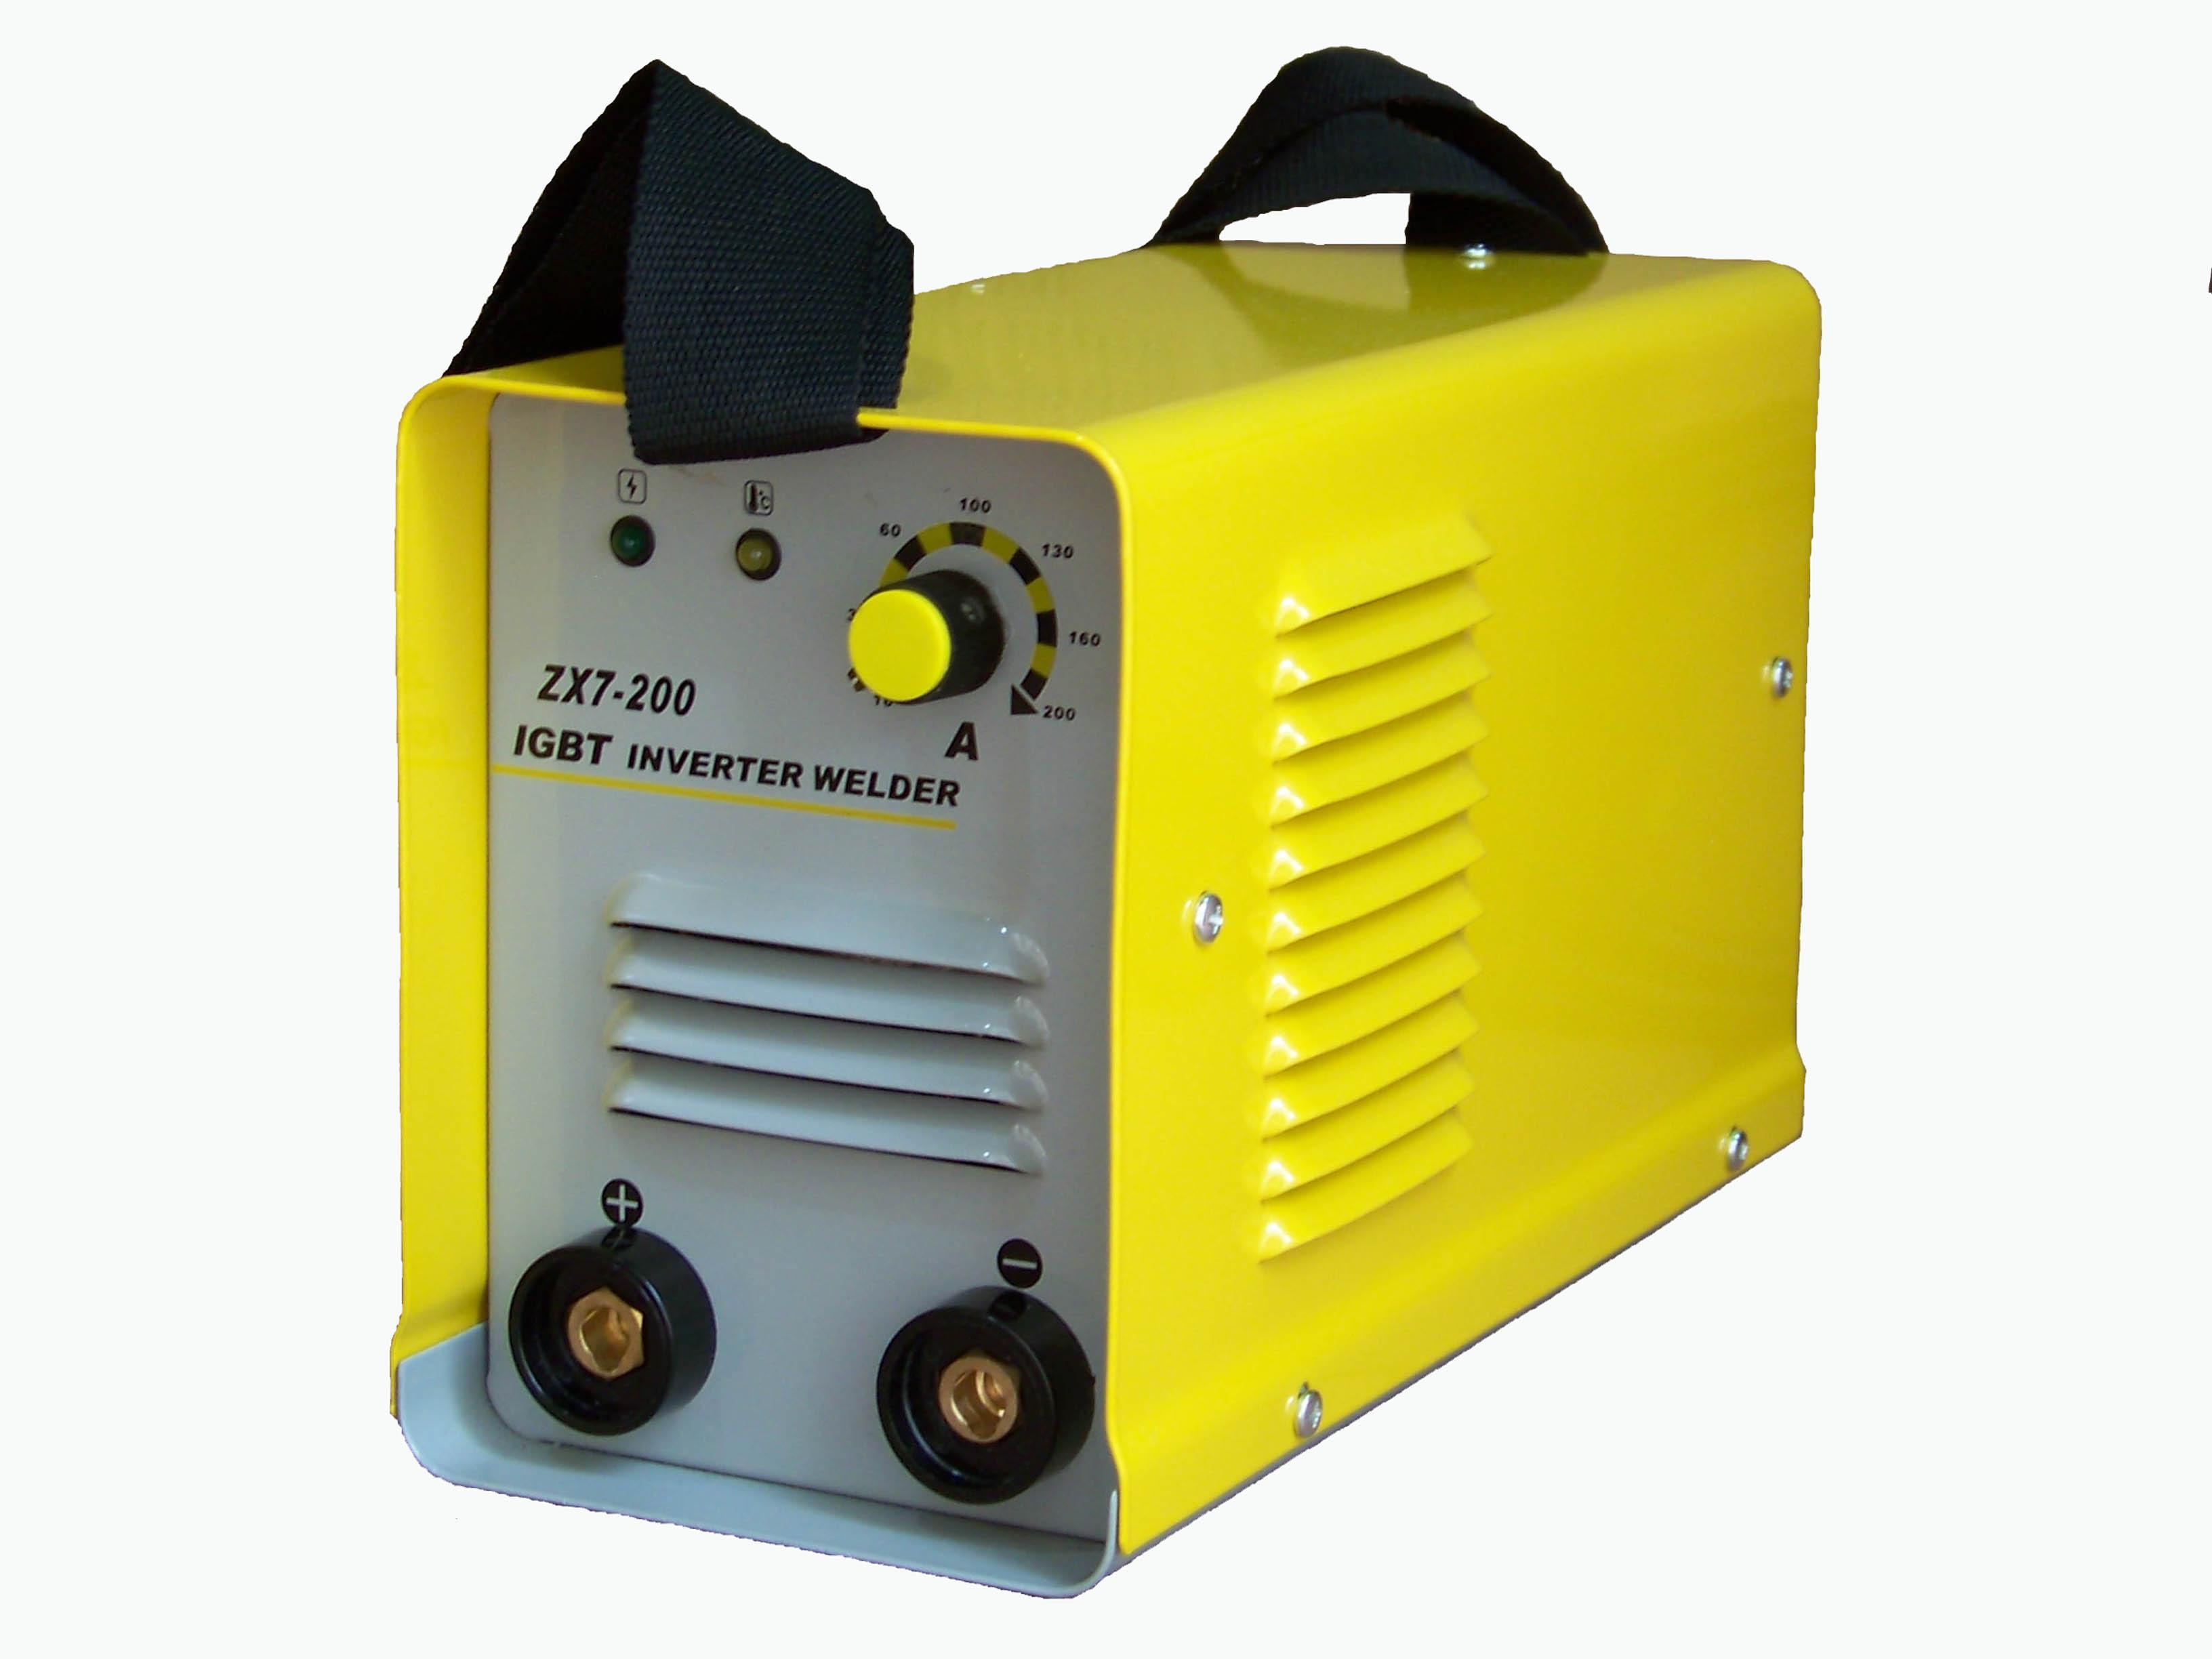 逆变电焊机电源的谐波抑制分析